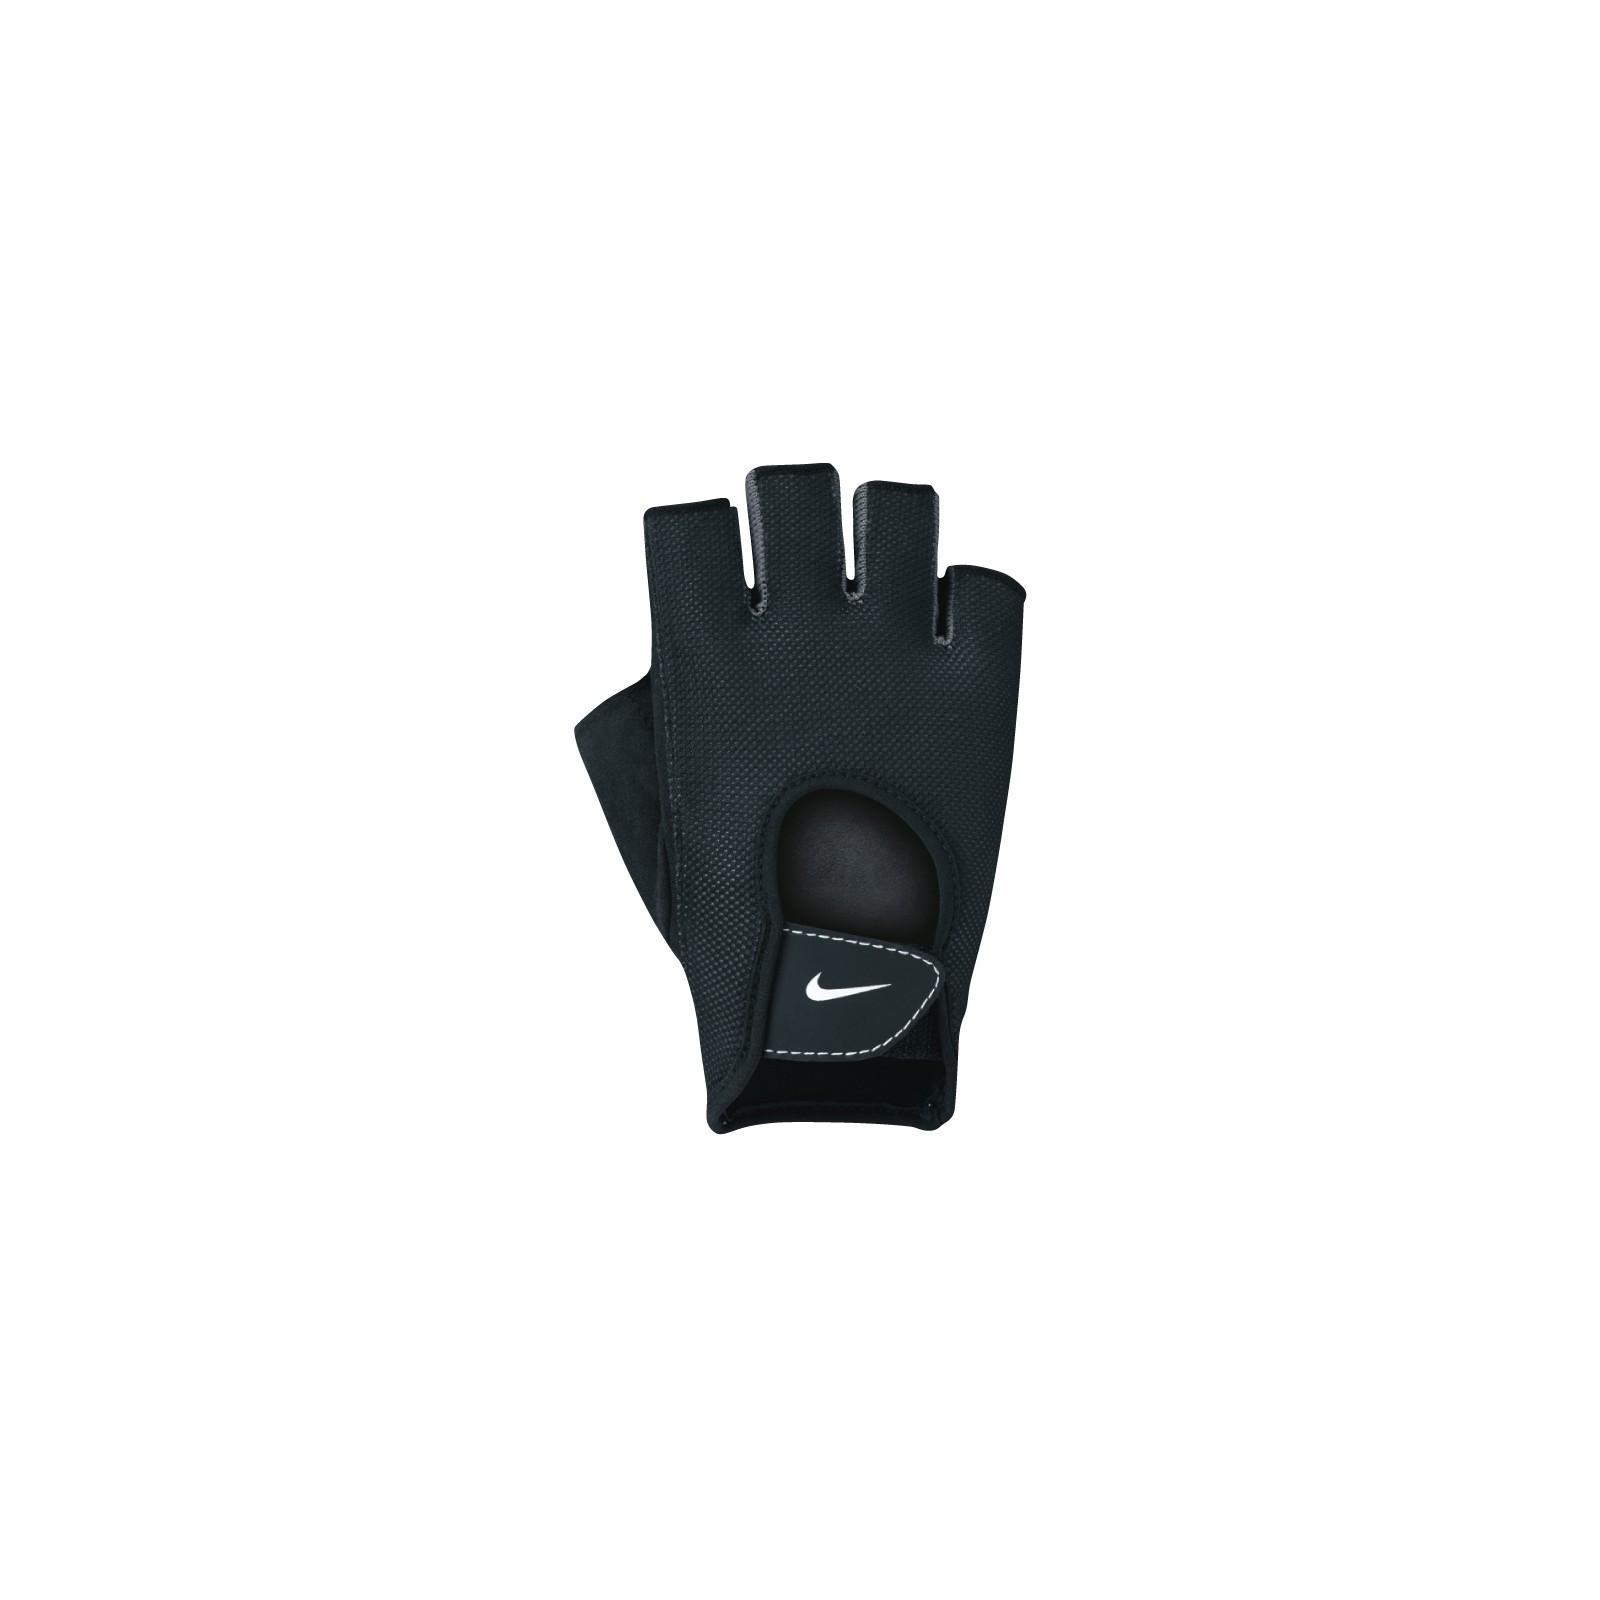 d4b3b076013 Loading zoom. nike. Tréninkové rukavice Nike Women s Fundamental. 9092-13.  Obrázek výrobku